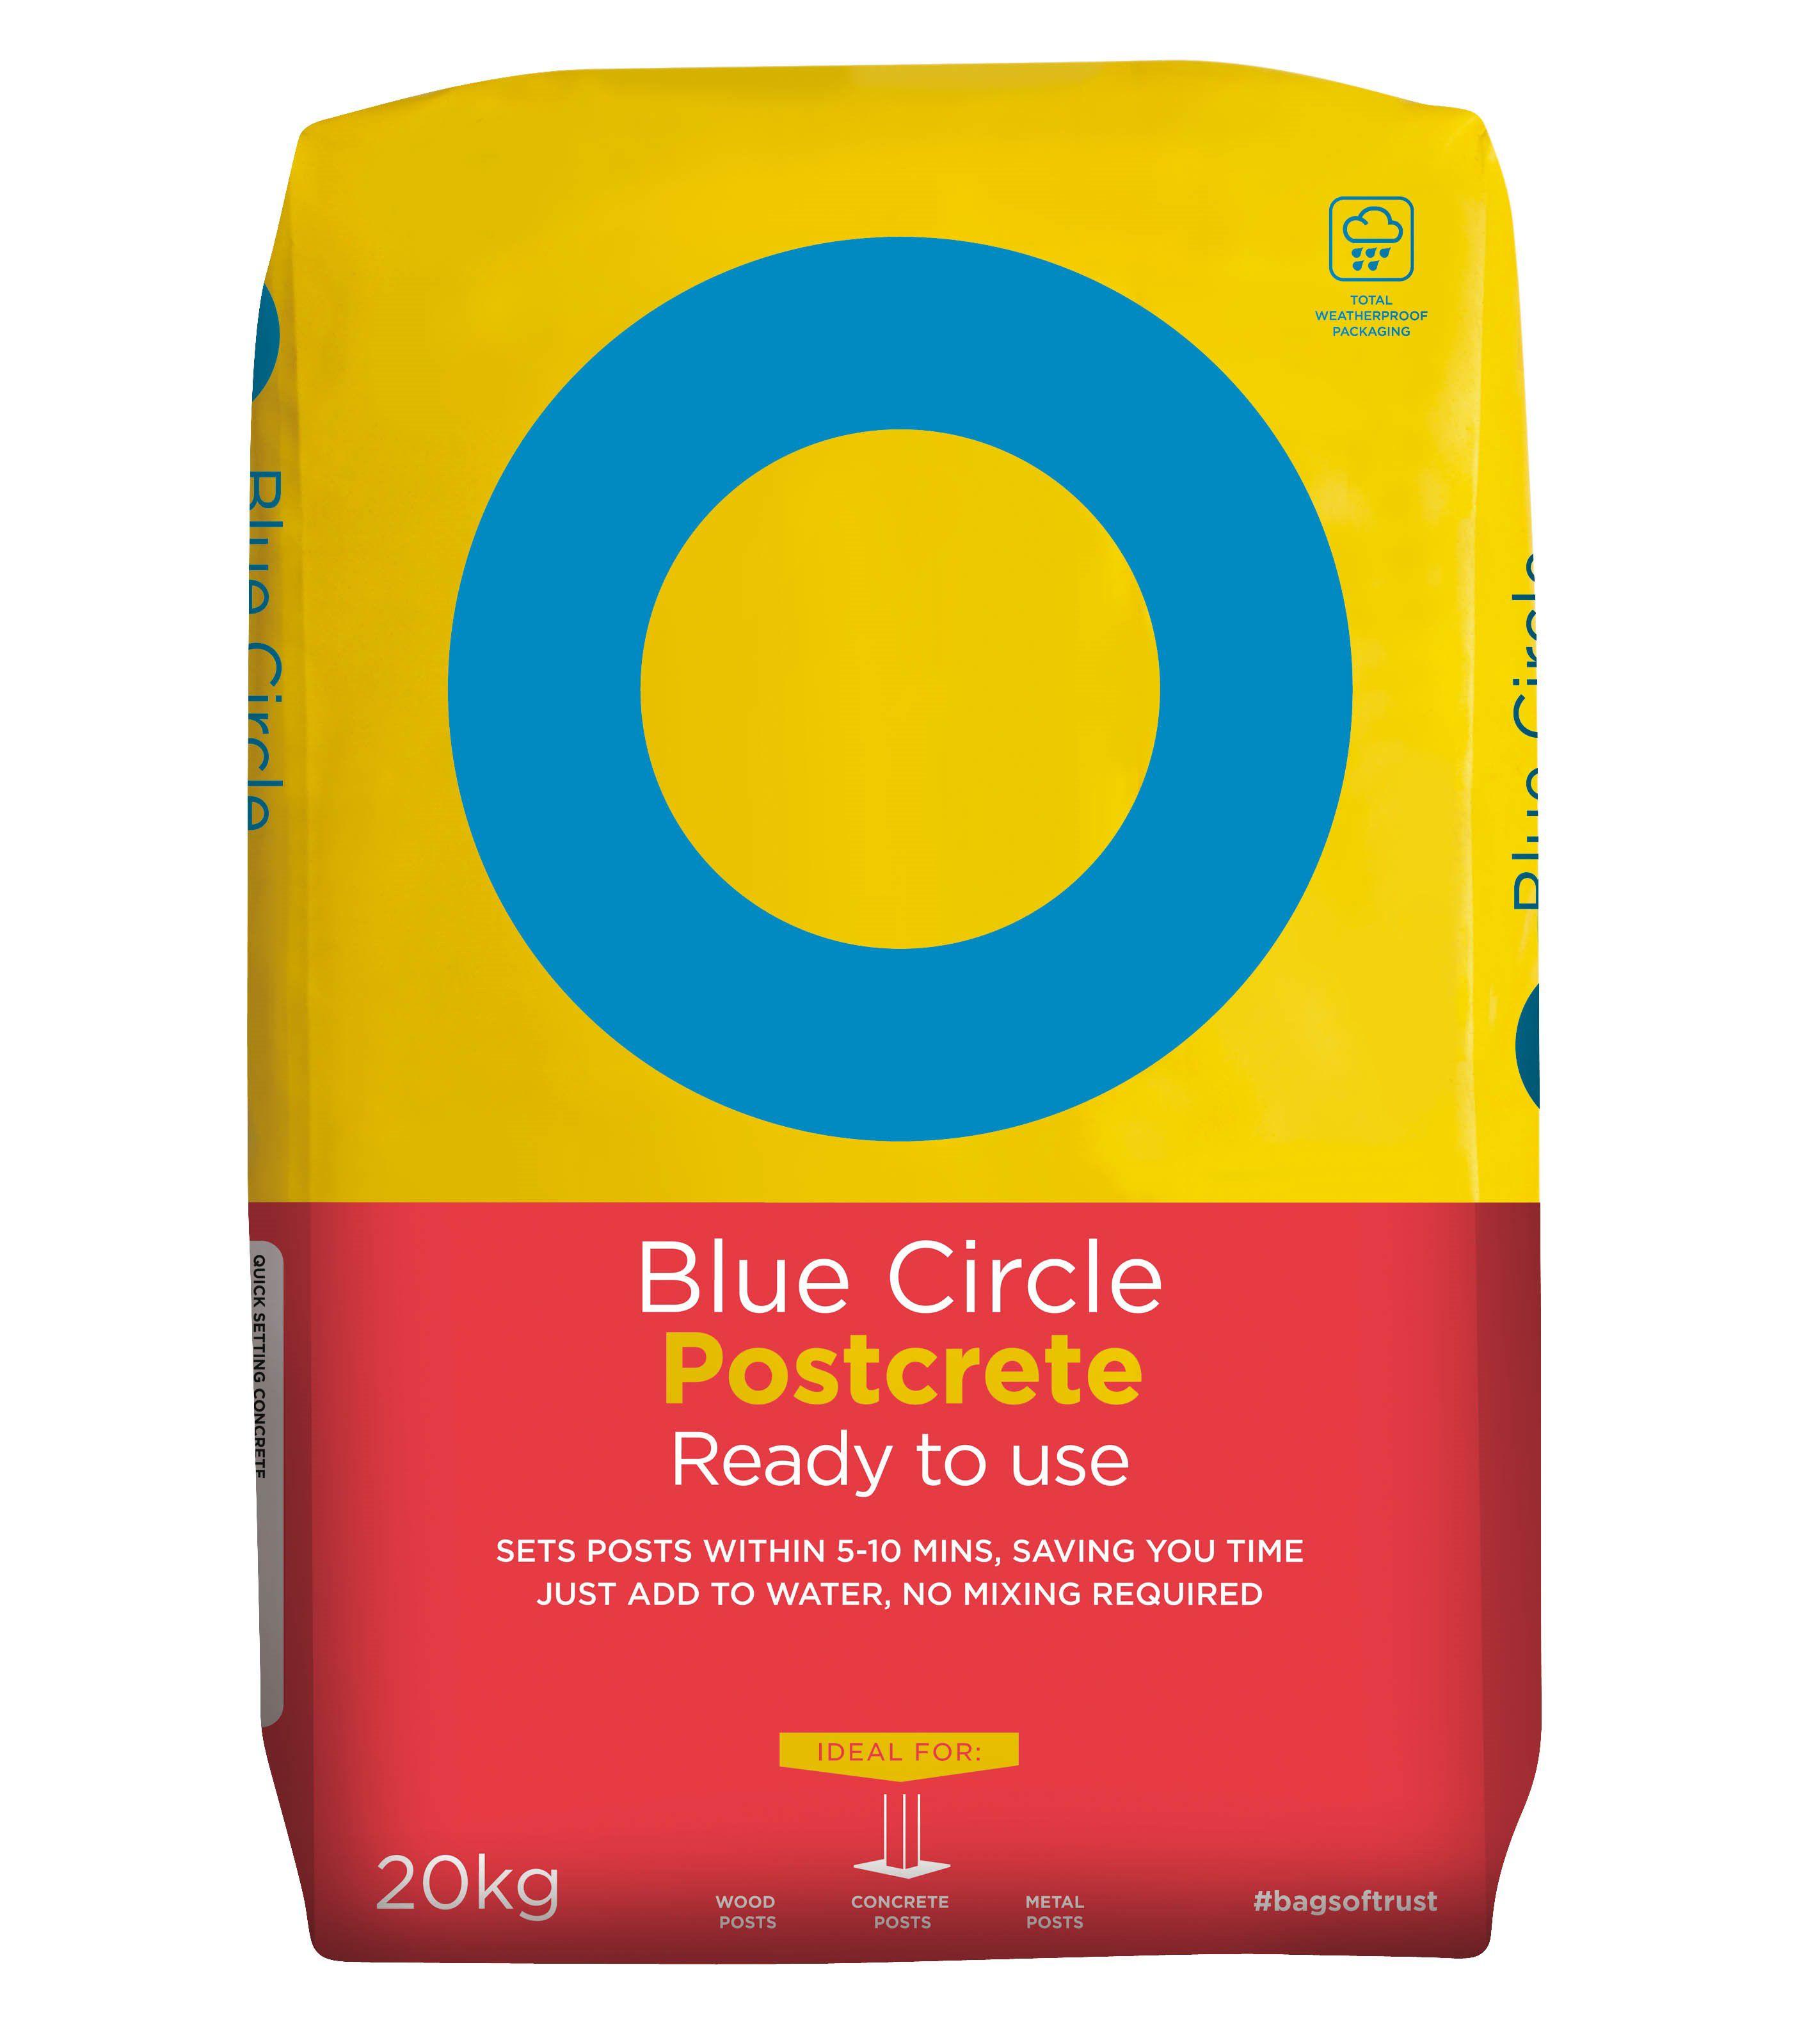 Blue Circle Postcrete Ready To Use Concrete 20kg Bag